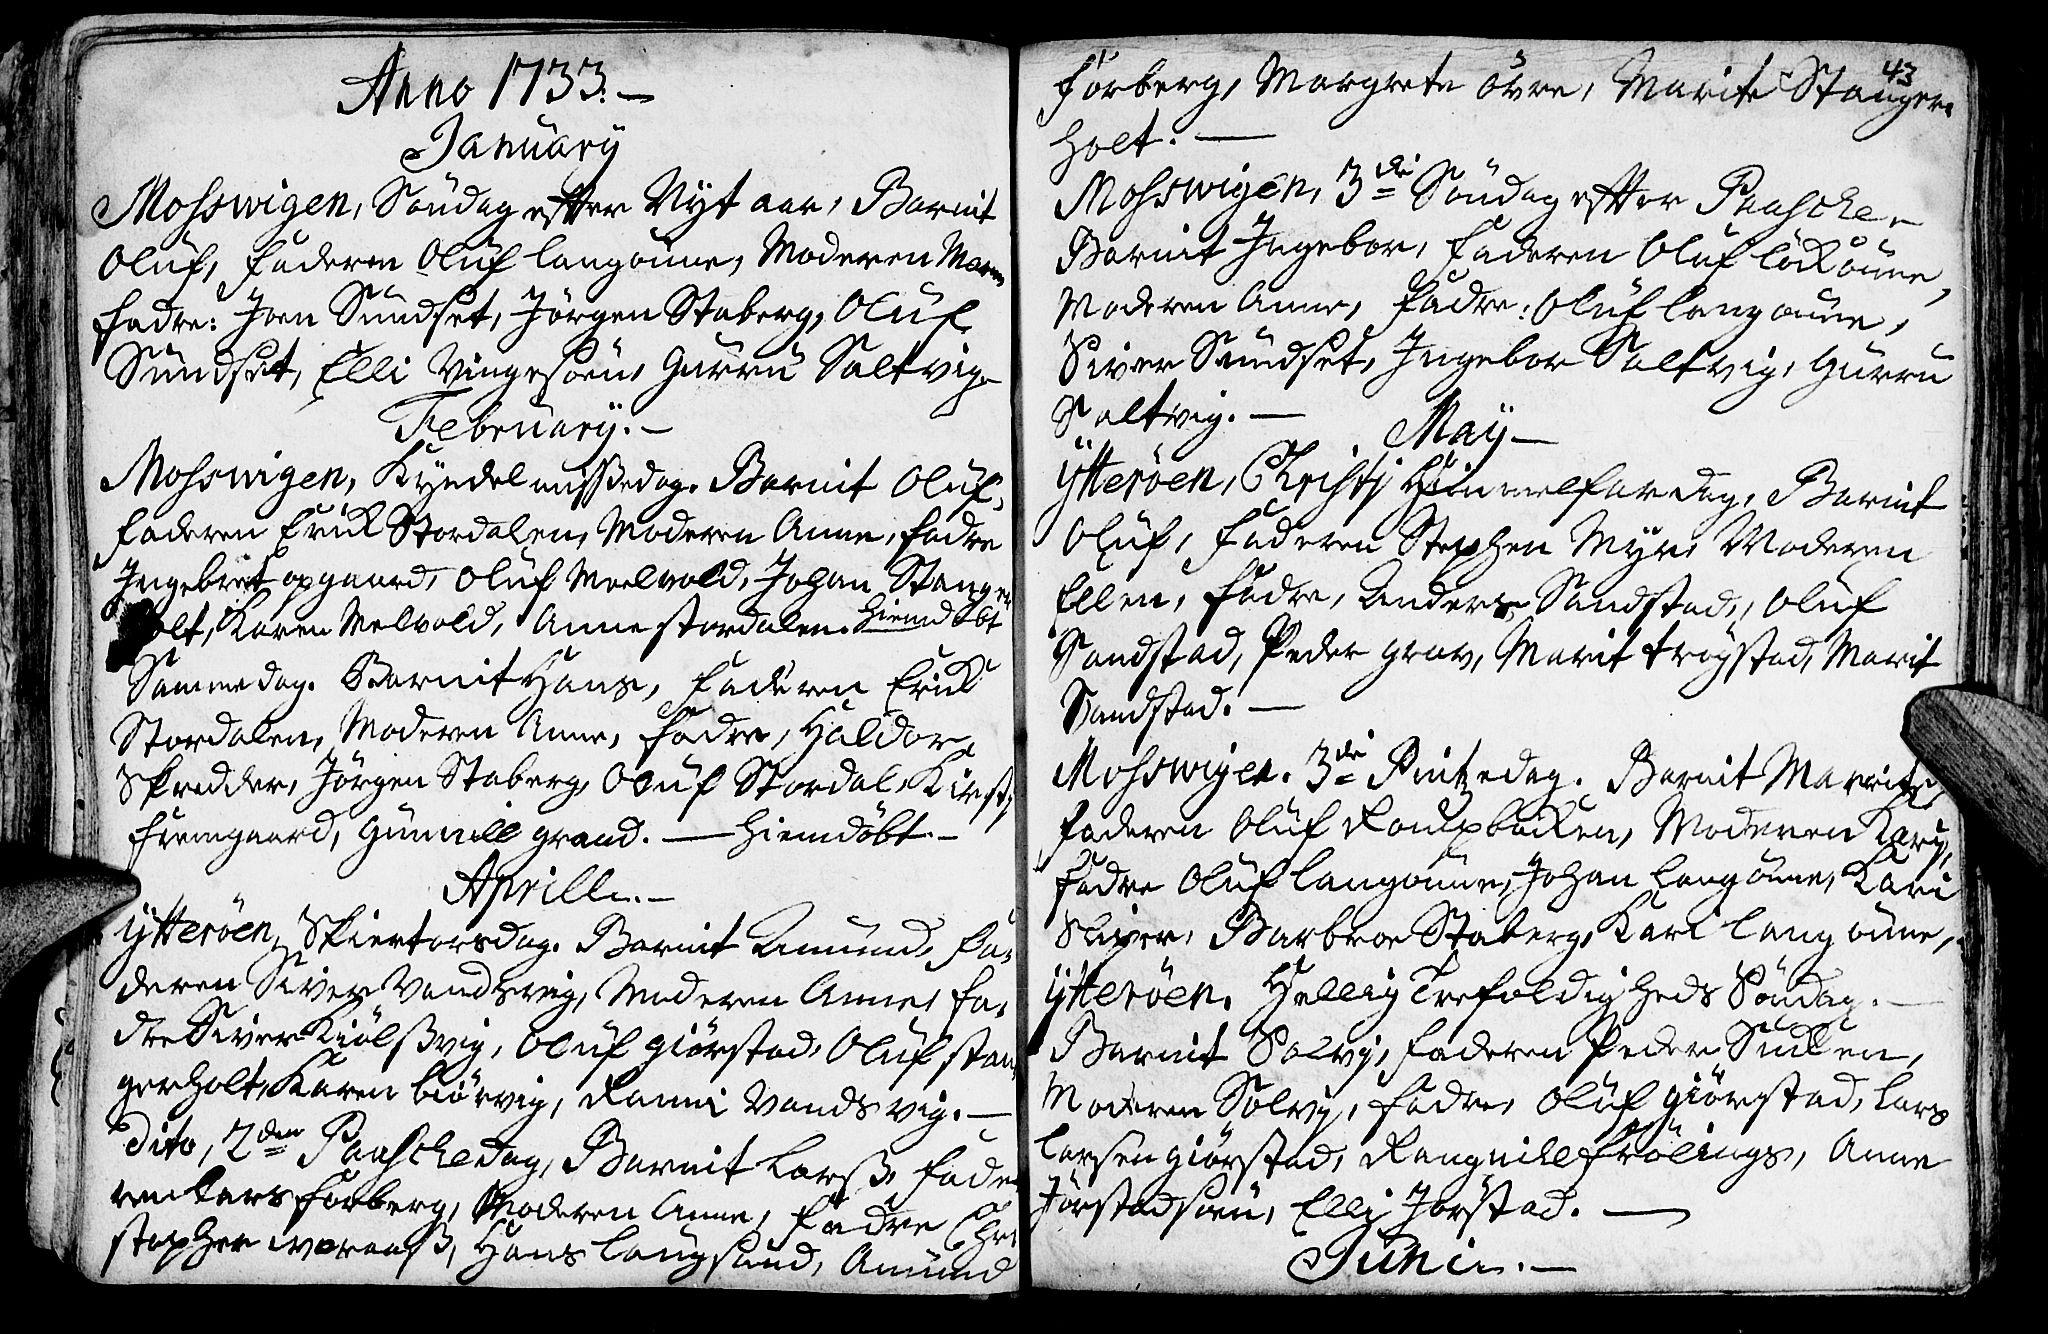 SAT, Ministerialprotokoller, klokkerbøker og fødselsregistre - Nord-Trøndelag, 722/L0215: Ministerialbok nr. 722A02, 1718-1755, s. 43